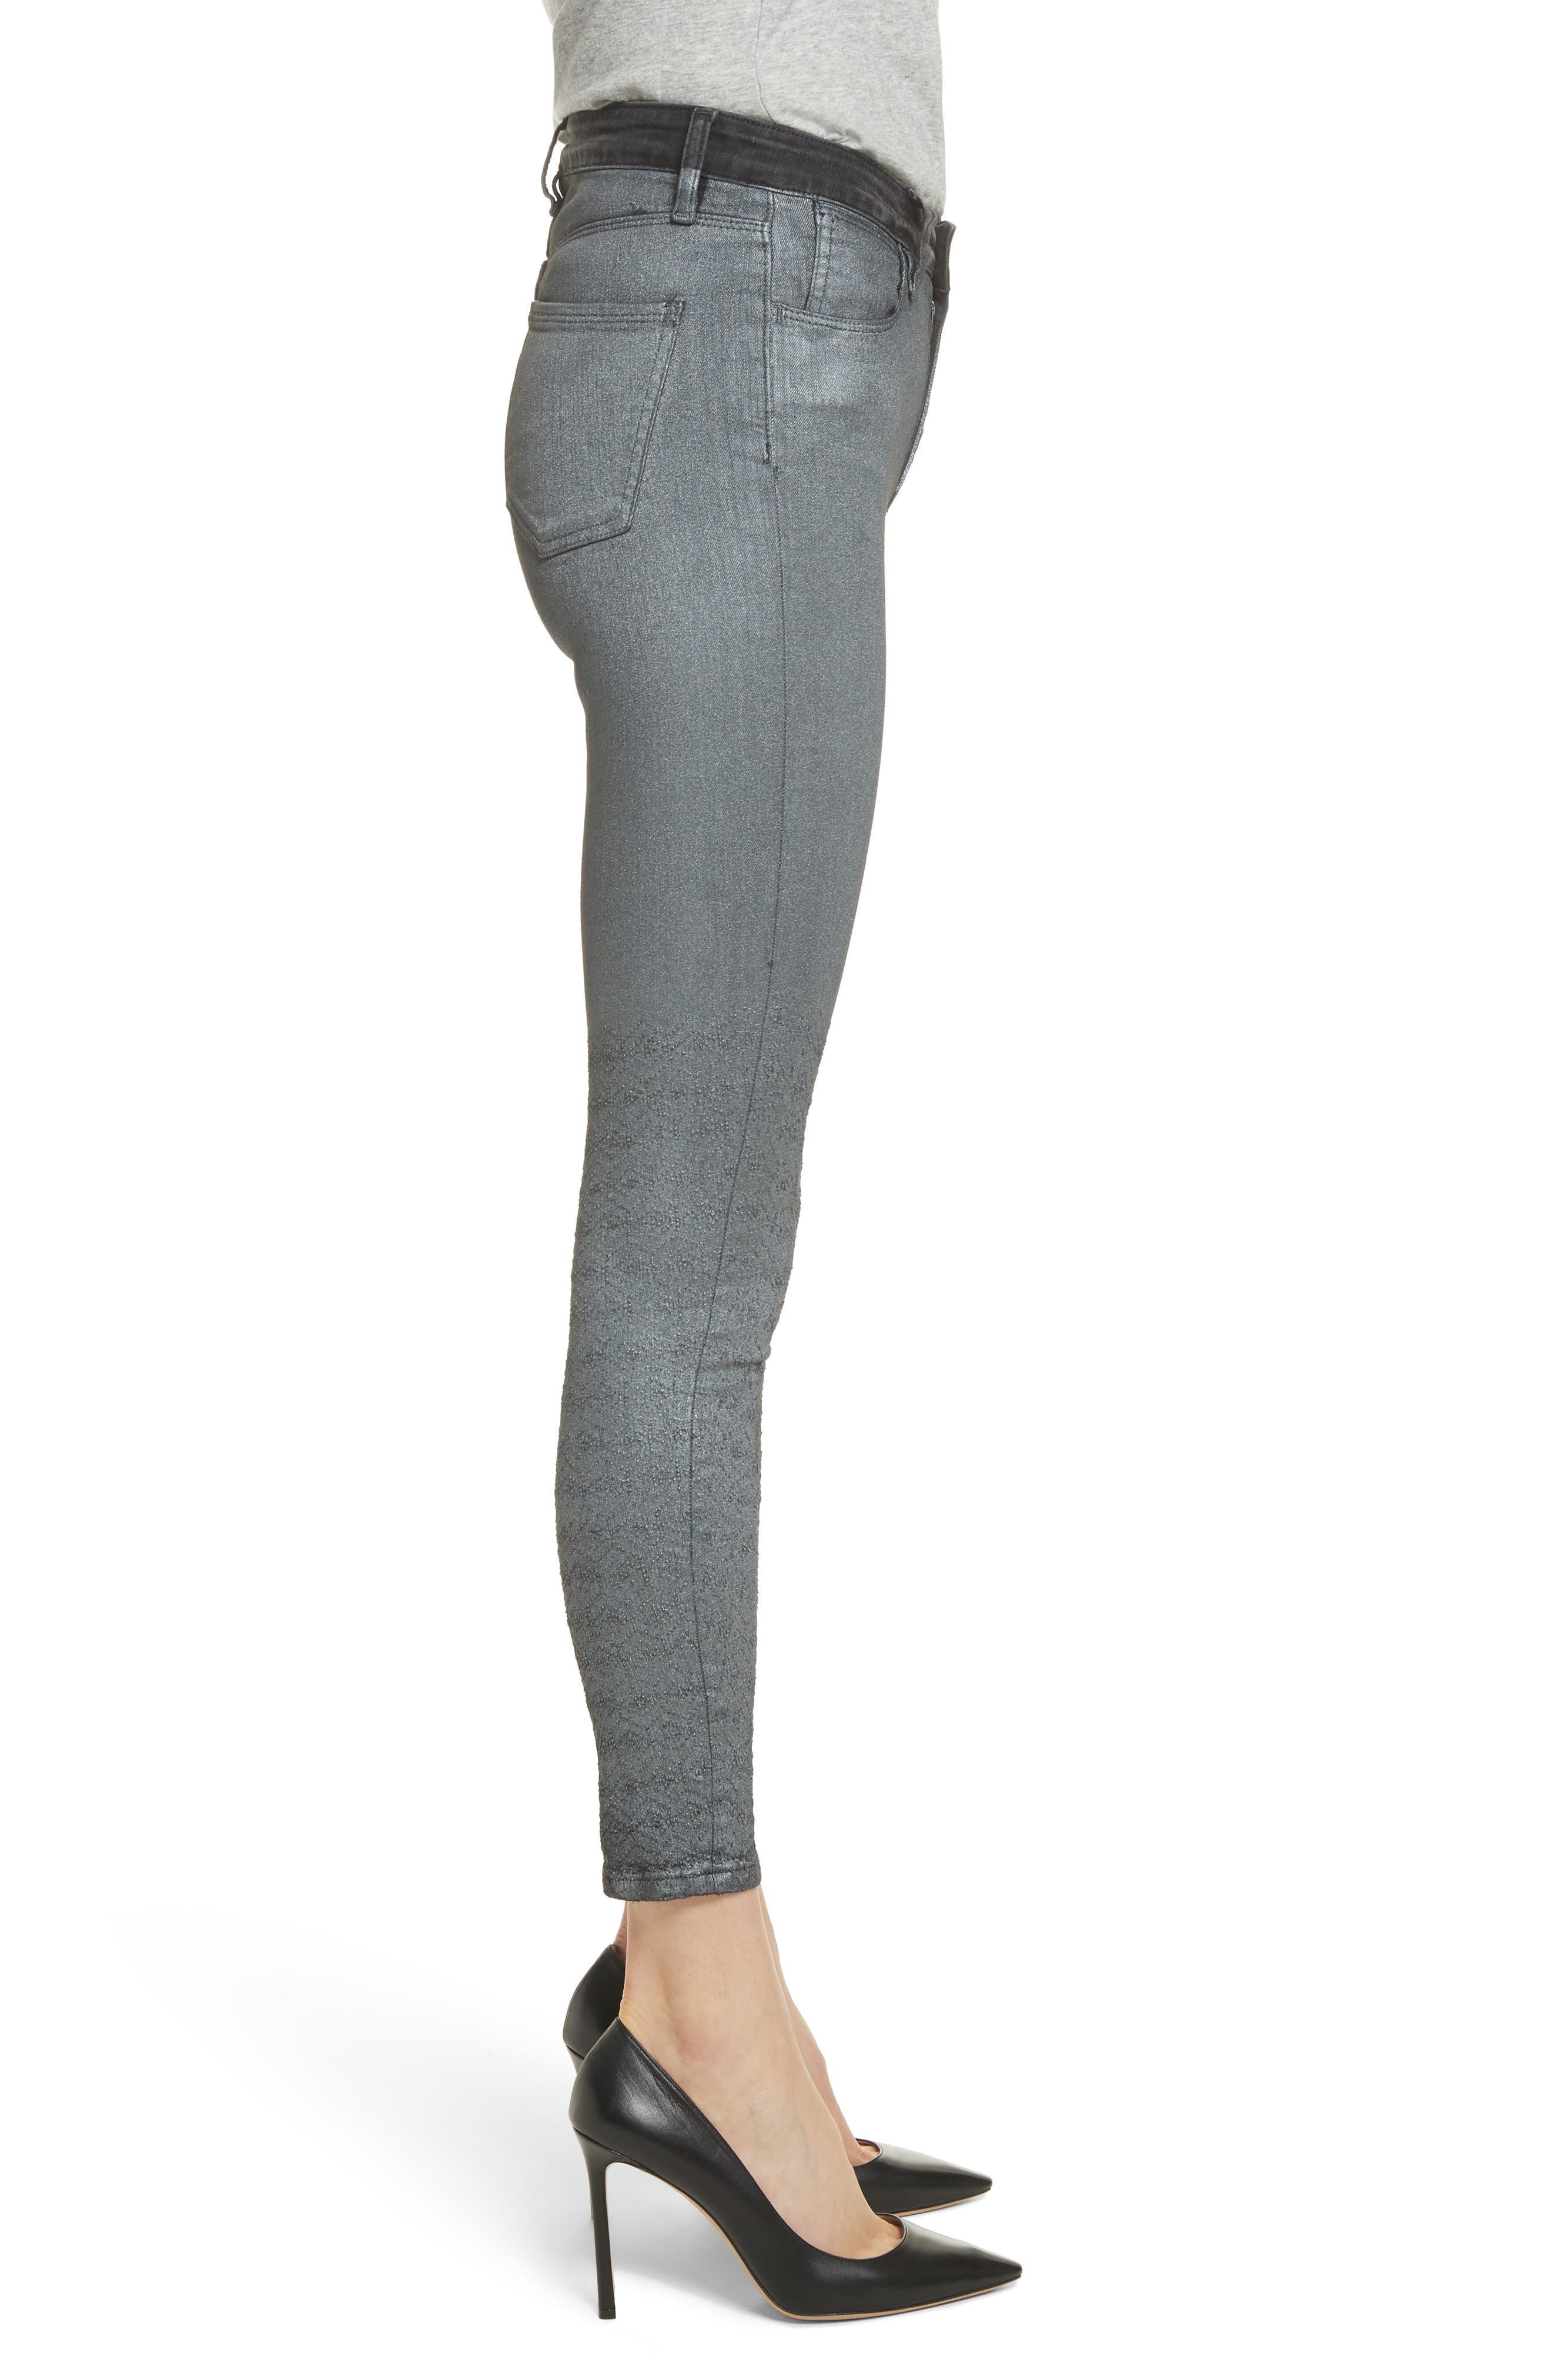 Reina Glitter Skinny Jeans,                             Alternate thumbnail 3, color,                             Black Used Glitter Silver